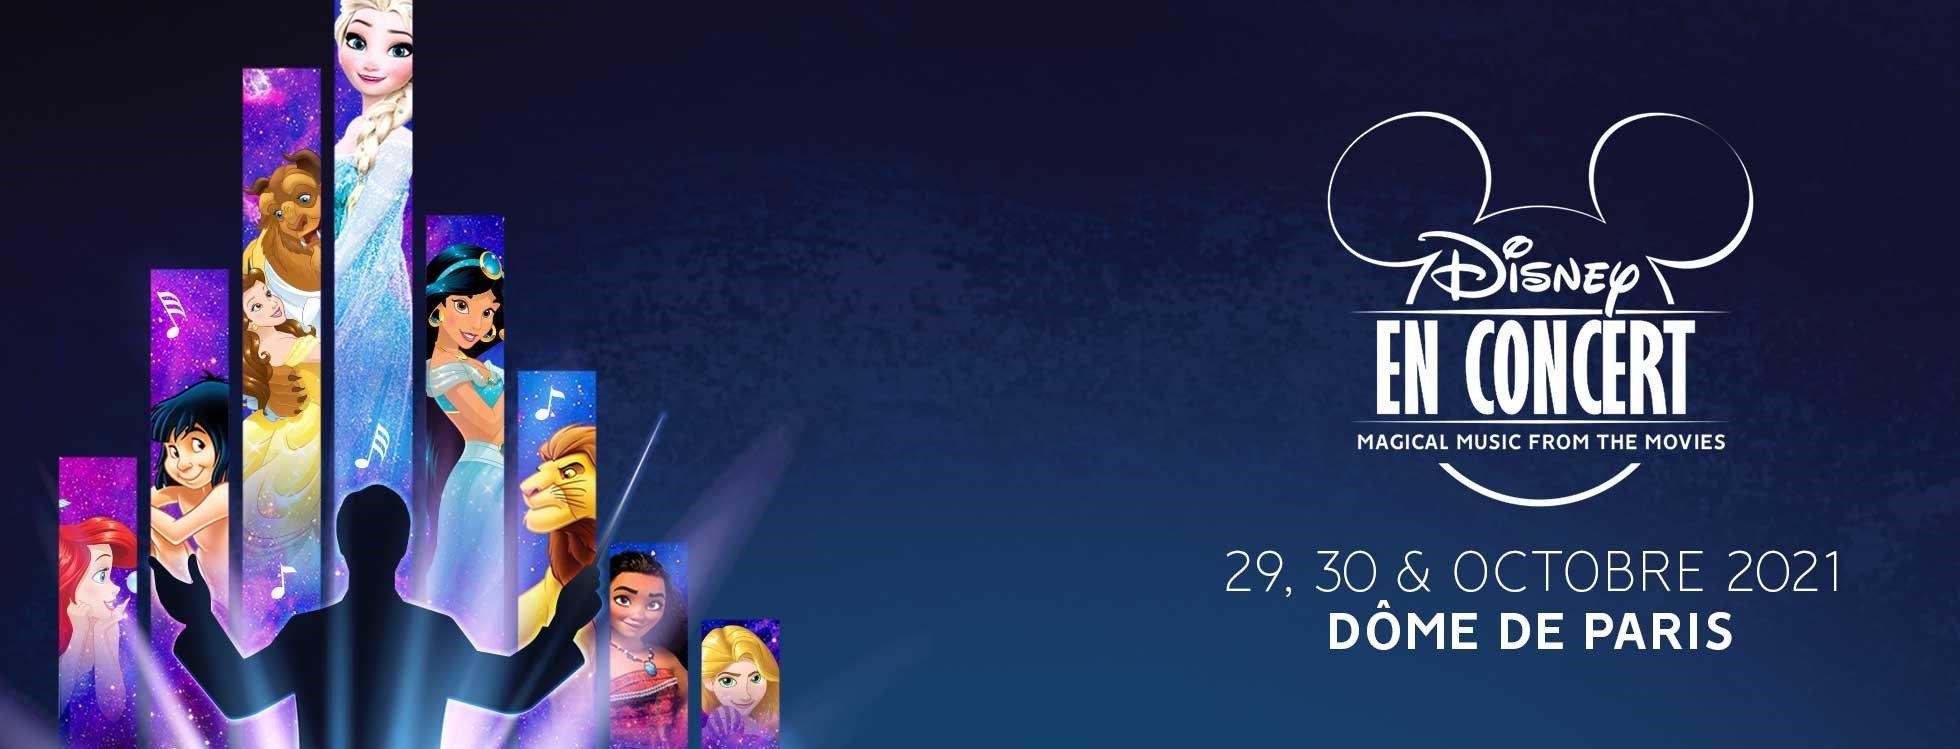 dome de paris : Disney en Concert - Magical Music from the Movies